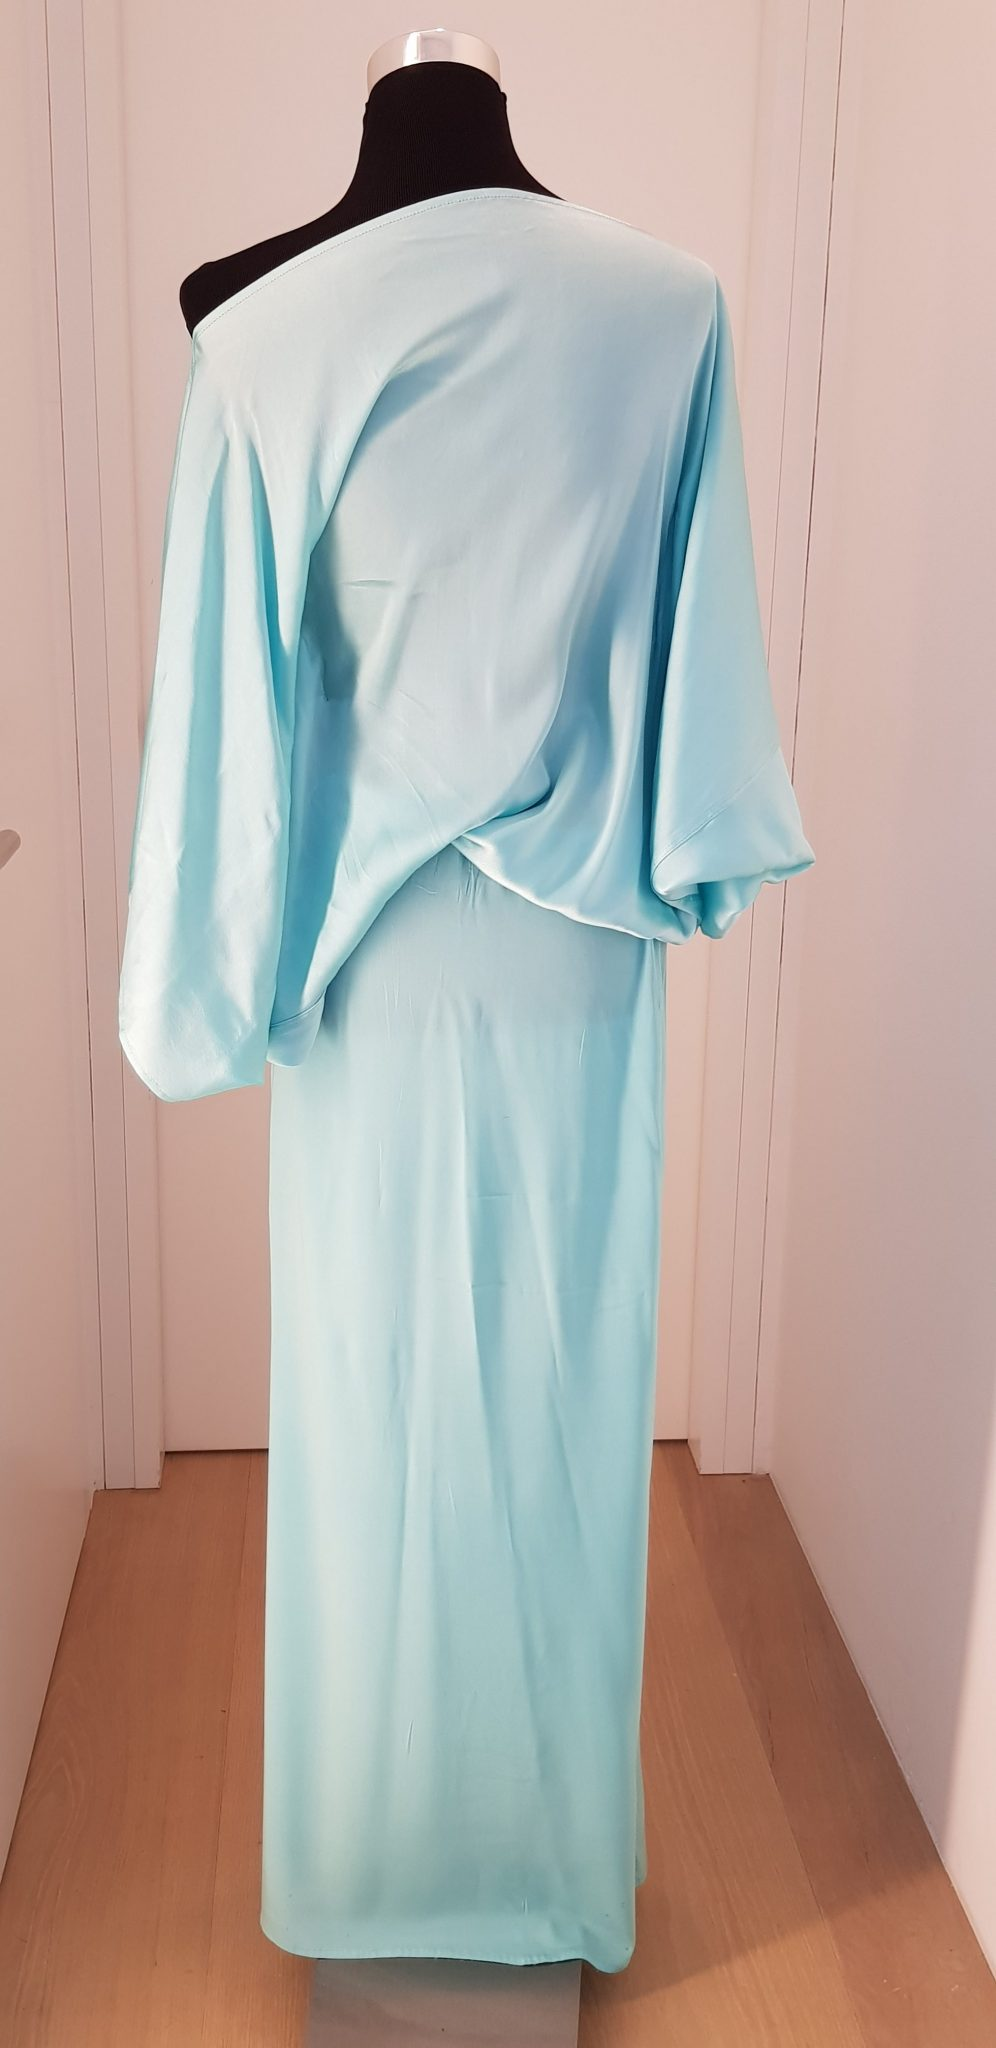 8c4e5a5aa47423 Lässiges, asymmetrisches Sommer- /Abendkleid mit Fledermausärmeln und  langen Schlitz vorne in hellblau/